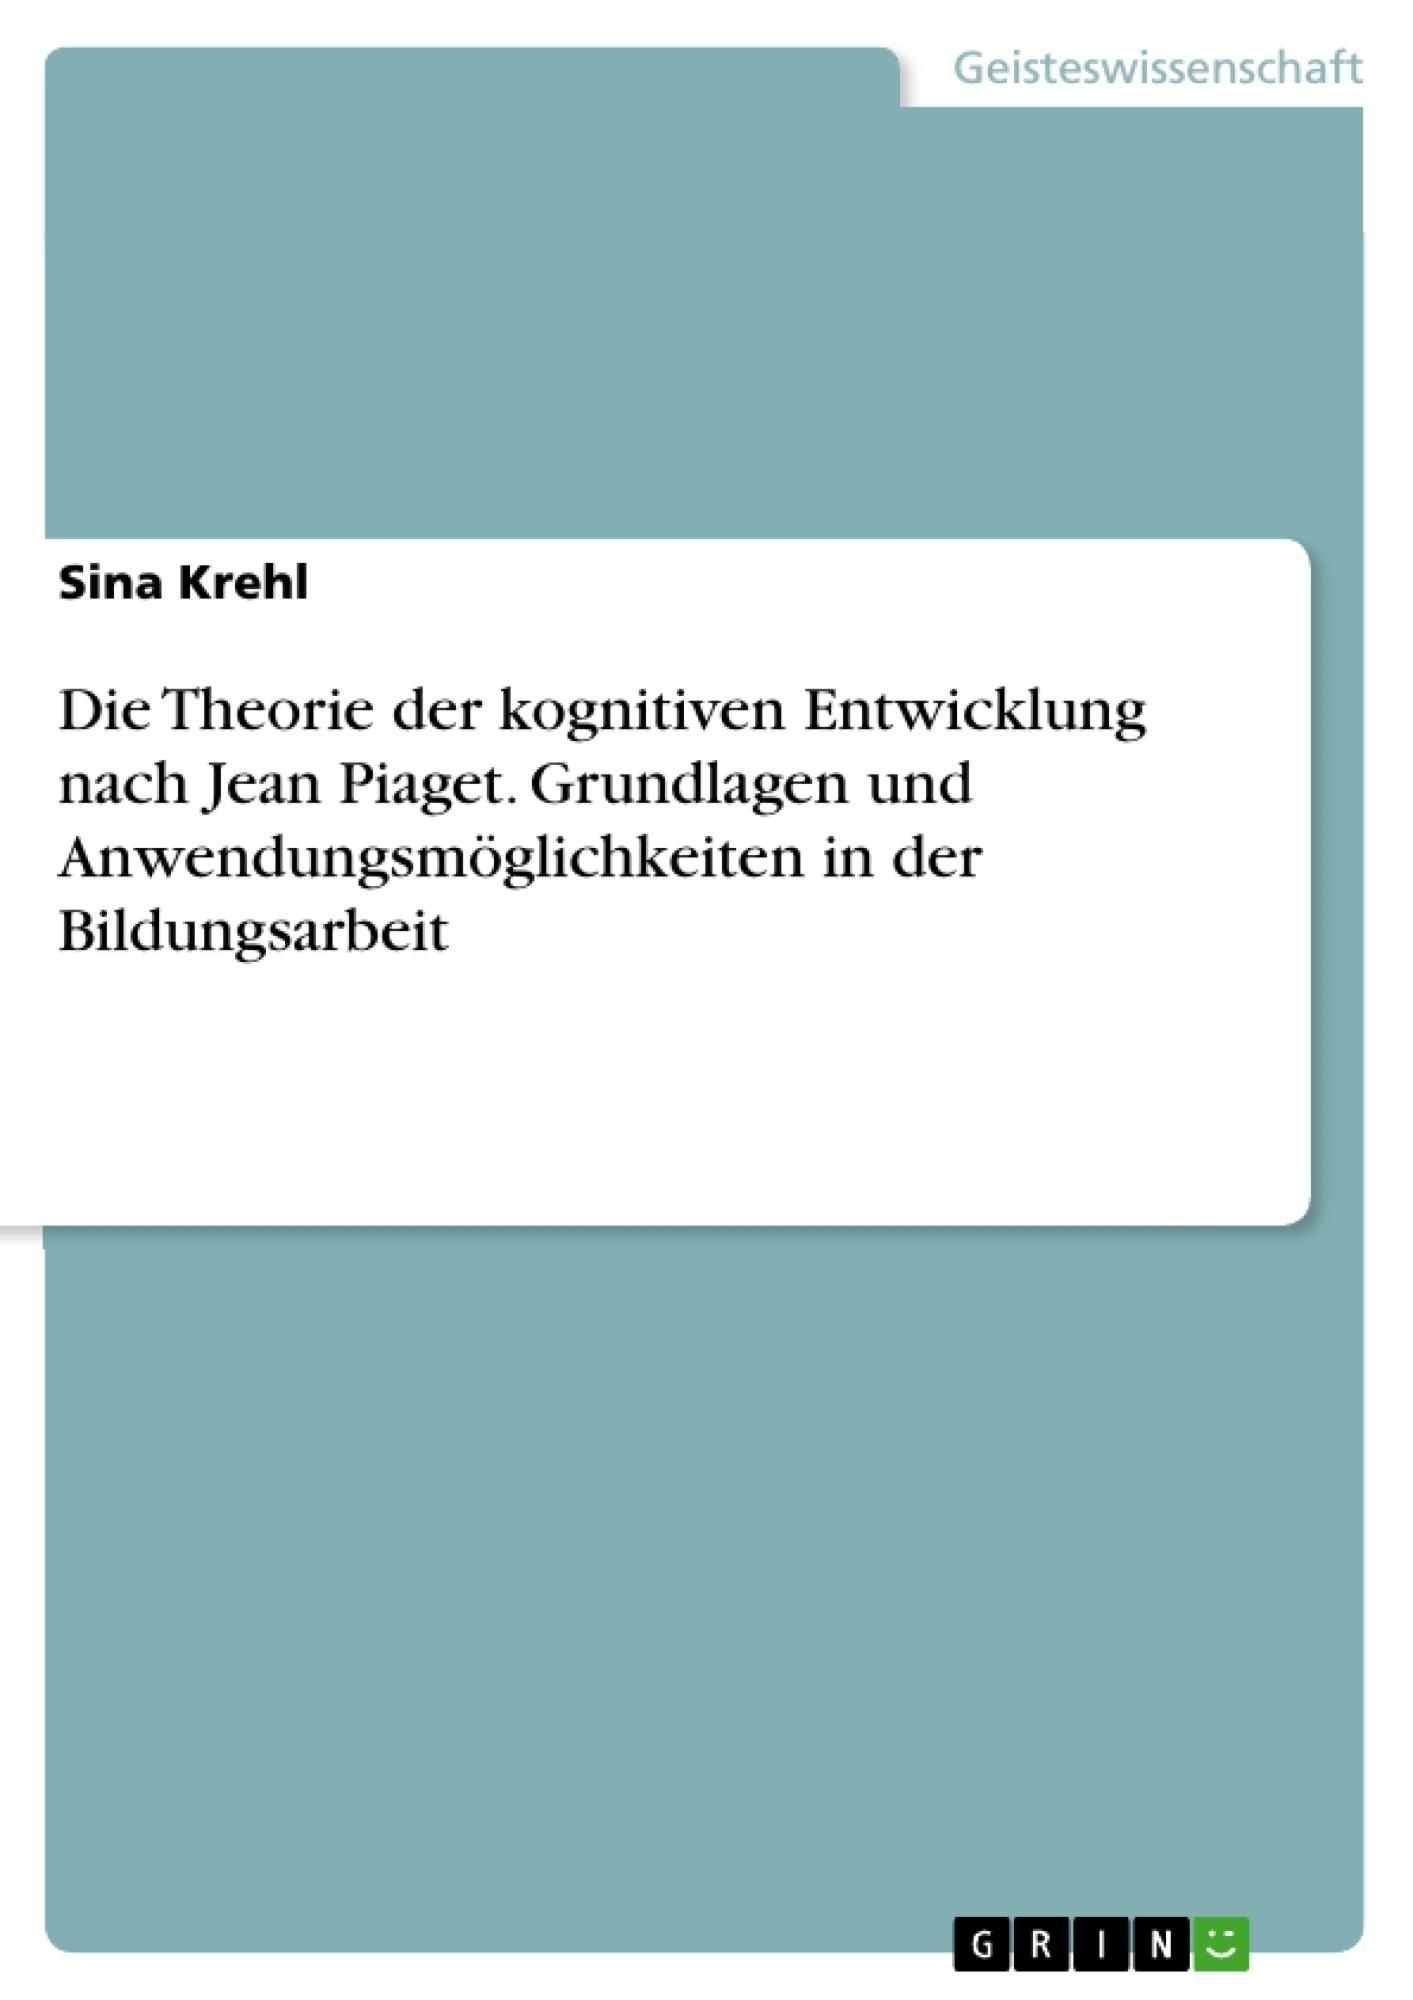 Titel: Die Theorie der kognitiven Entwicklung nach Jean Piaget. Grundlagen und Anwendungsmöglichkeiten in der Bildungsarbeit